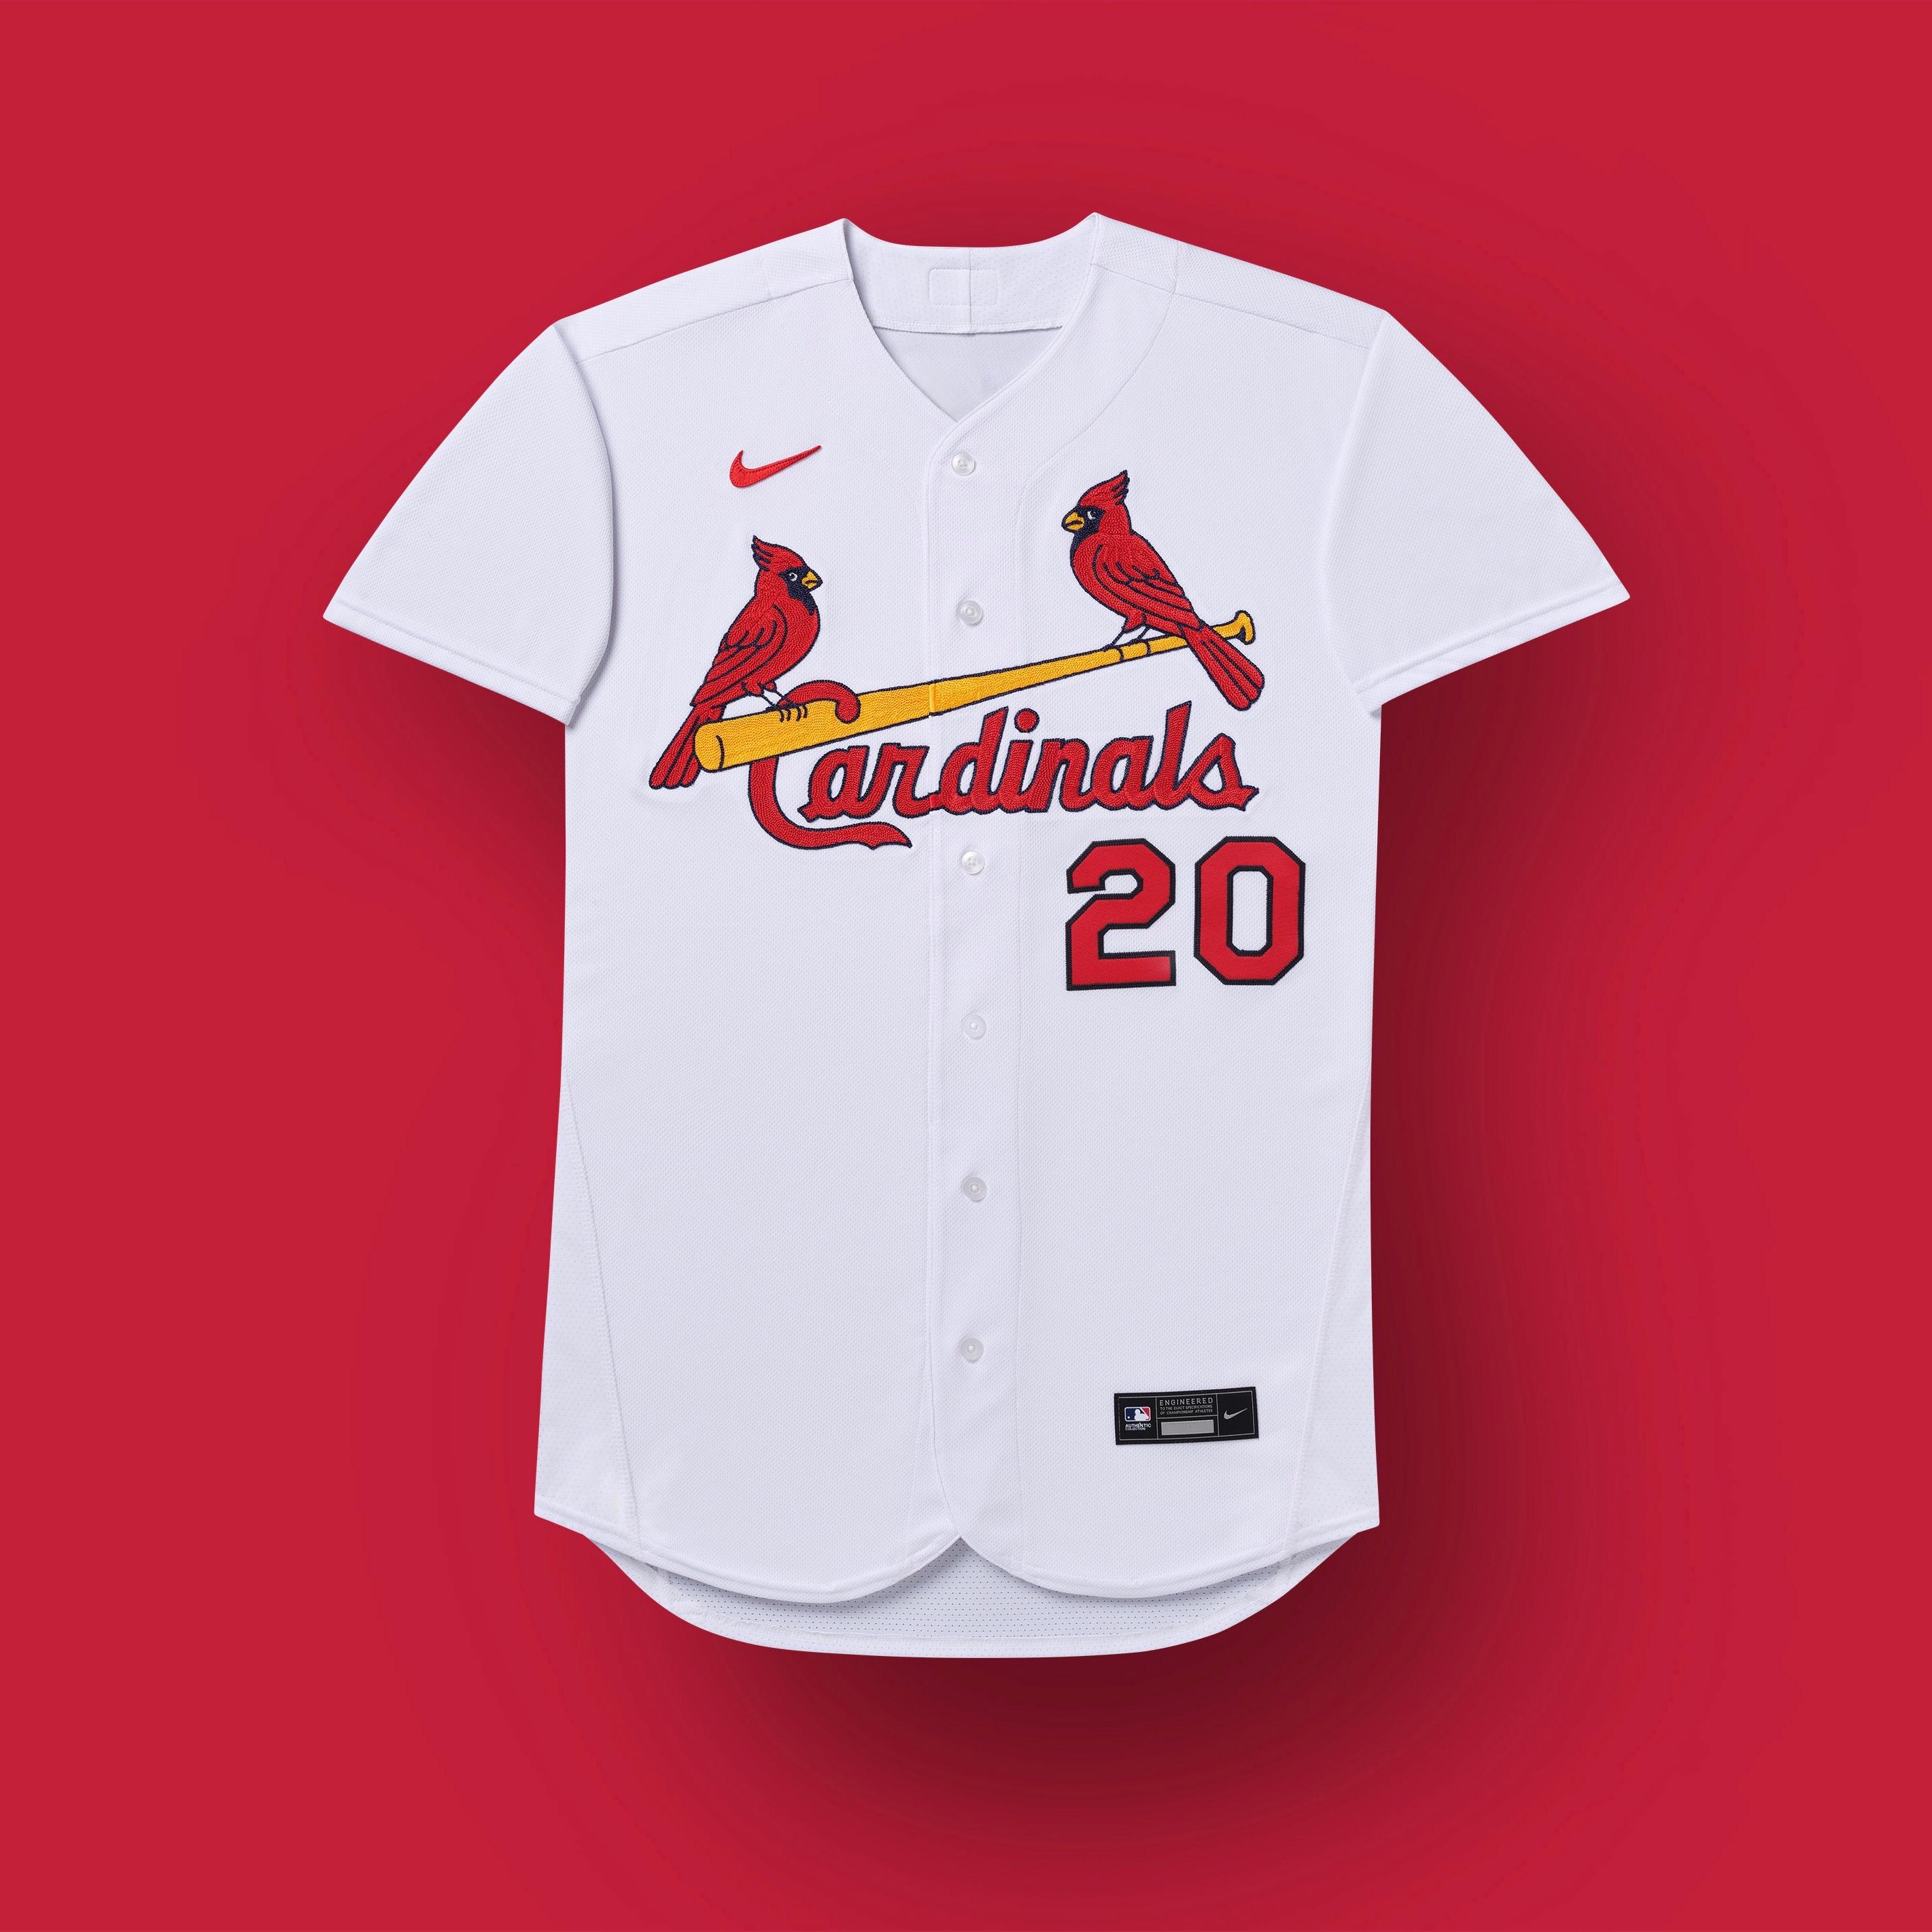 cardenales de st louis 2020 uniforme